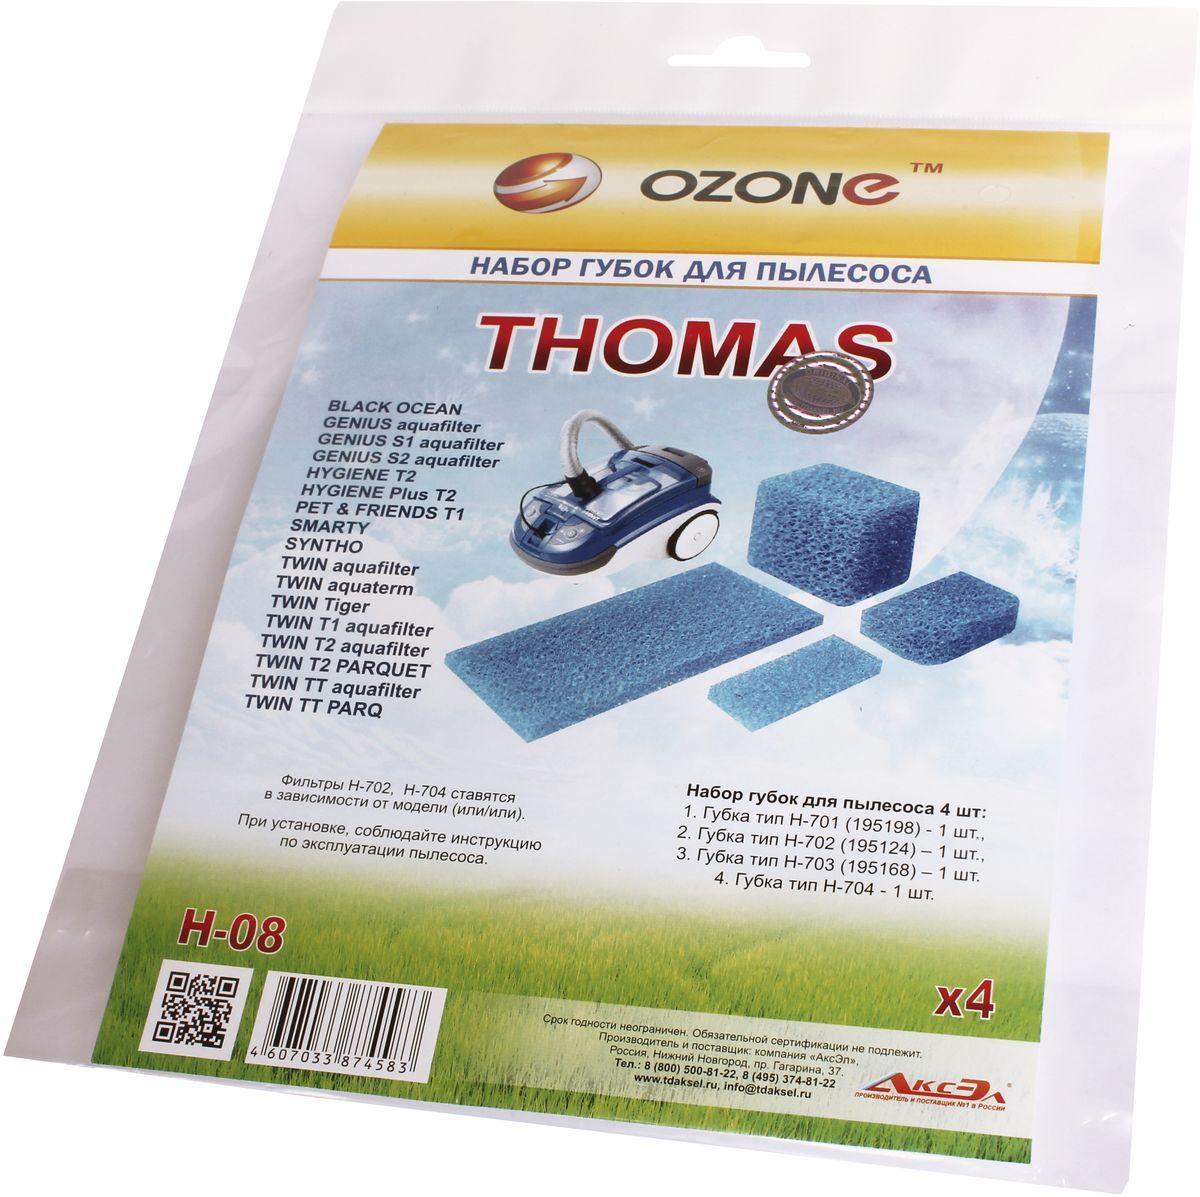 Ozone H-08 набор микрофильтров для пылесосов Thomas, 4 штH-08HEPA фильтр OZONE microne H-08 высокоэффективной очистки предназначен для завершающей очистки воздуха в помещении, которое требует высокое качество воздуха, например, медицинских помещений. Фильтр состоит из мелкопористых материалов, что служит эффективному задерживанию частиц размером до 0,3 мкм. Фильтры HEPA последнего поколения имеют степень очистки воздуха около 95-97%. Фильтры не подлежат к промывке, а значит, они являются одноразовыми.